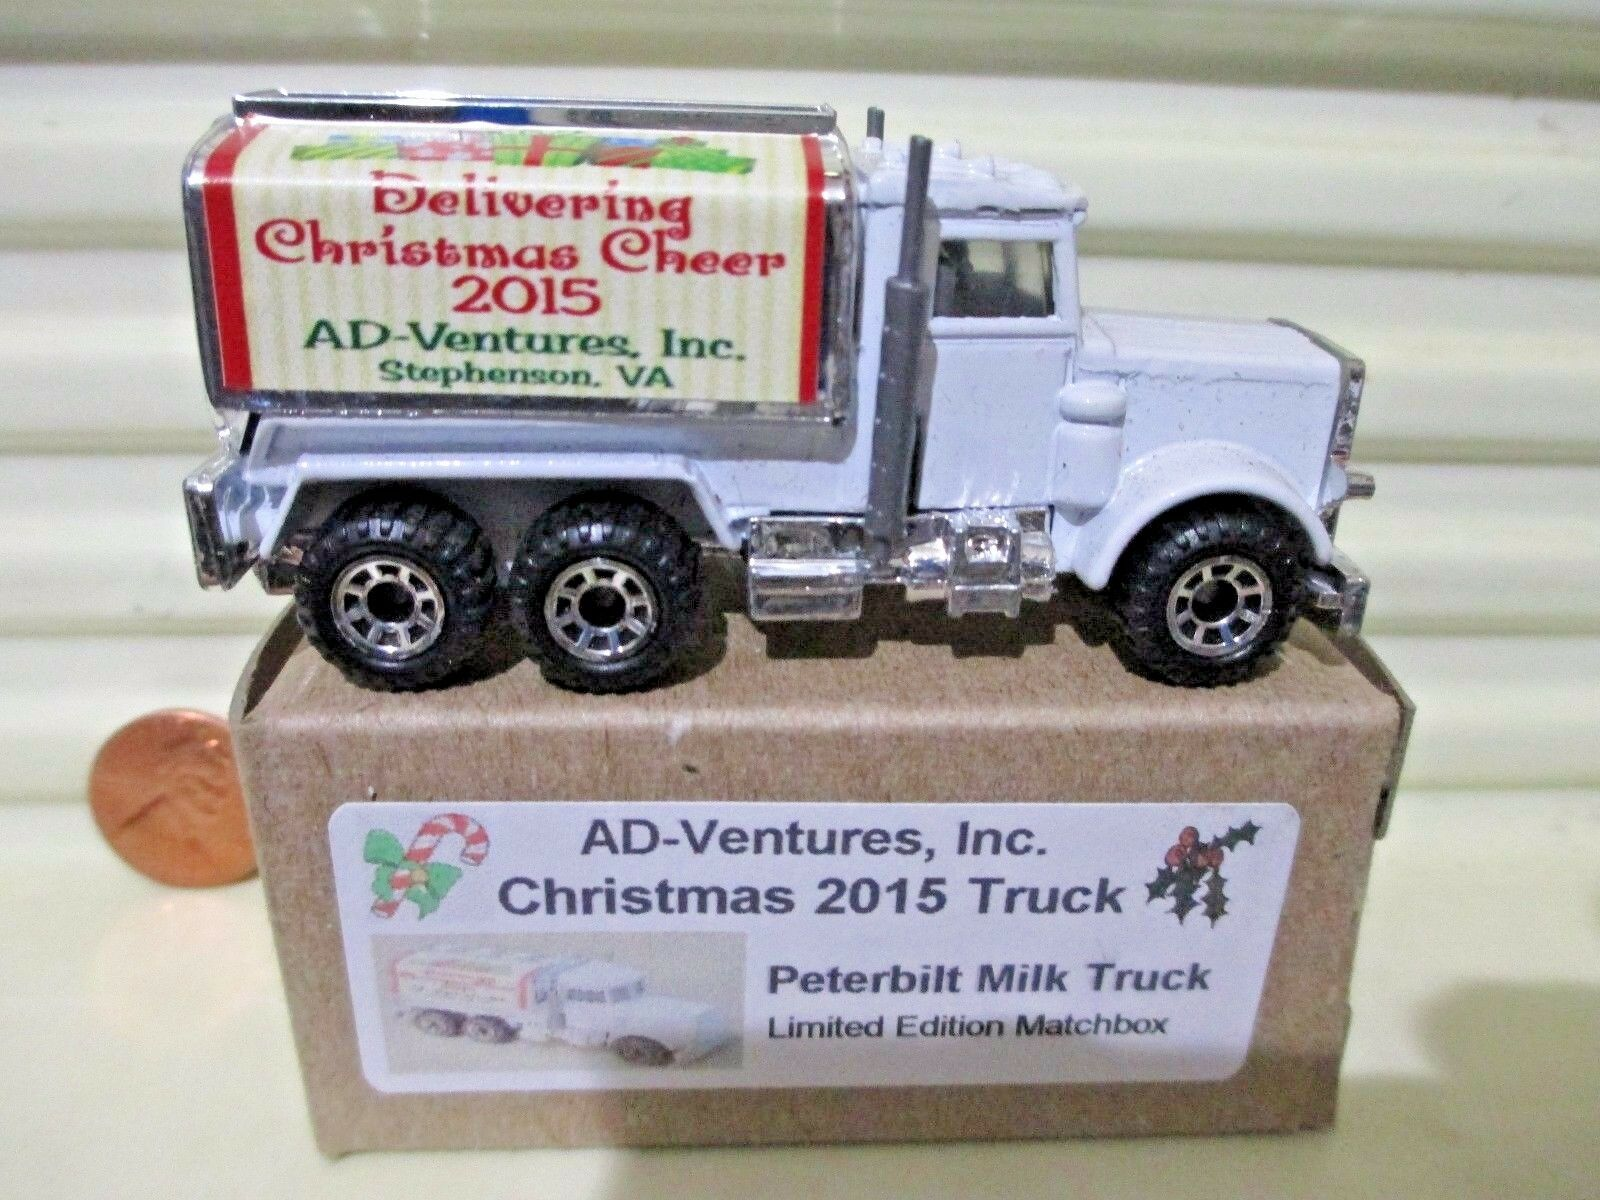 Matchbox MB56D Navidad 2015 ad-Ventures, Inc. nuevo camión Peterbilt Leche en Caja